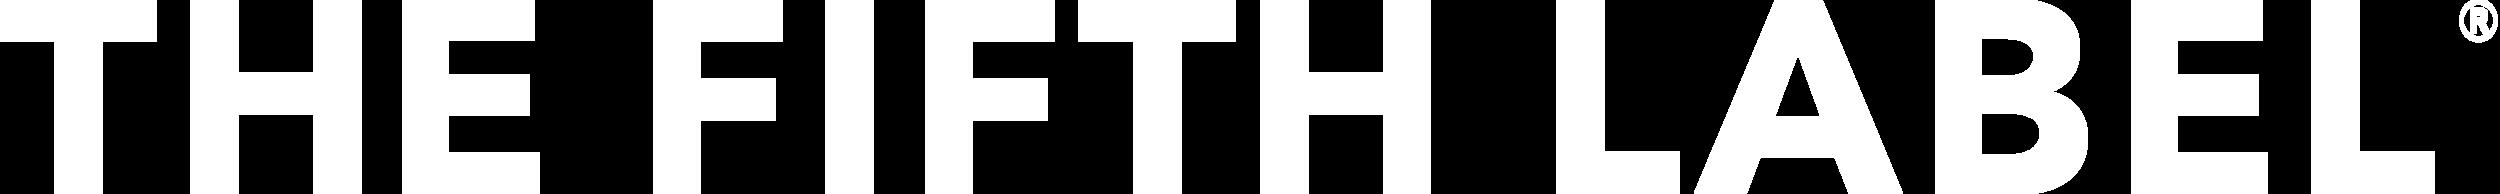 TFL_Typographic_White_RegisteredMark.png